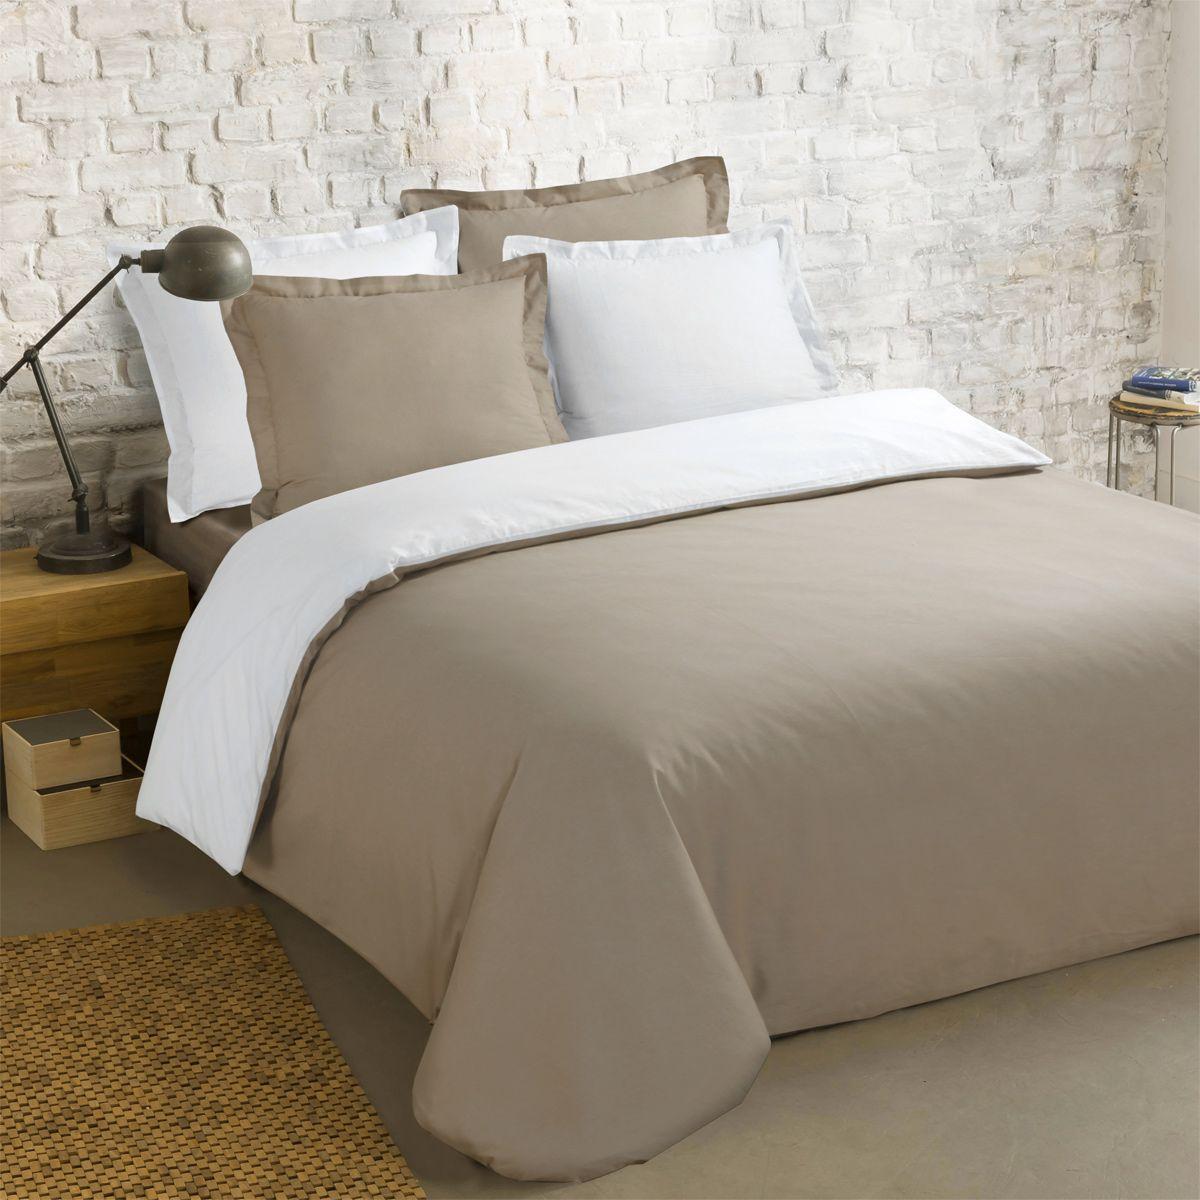 housse de couette et deux taies 260 cm bi color taupe et. Black Bedroom Furniture Sets. Home Design Ideas